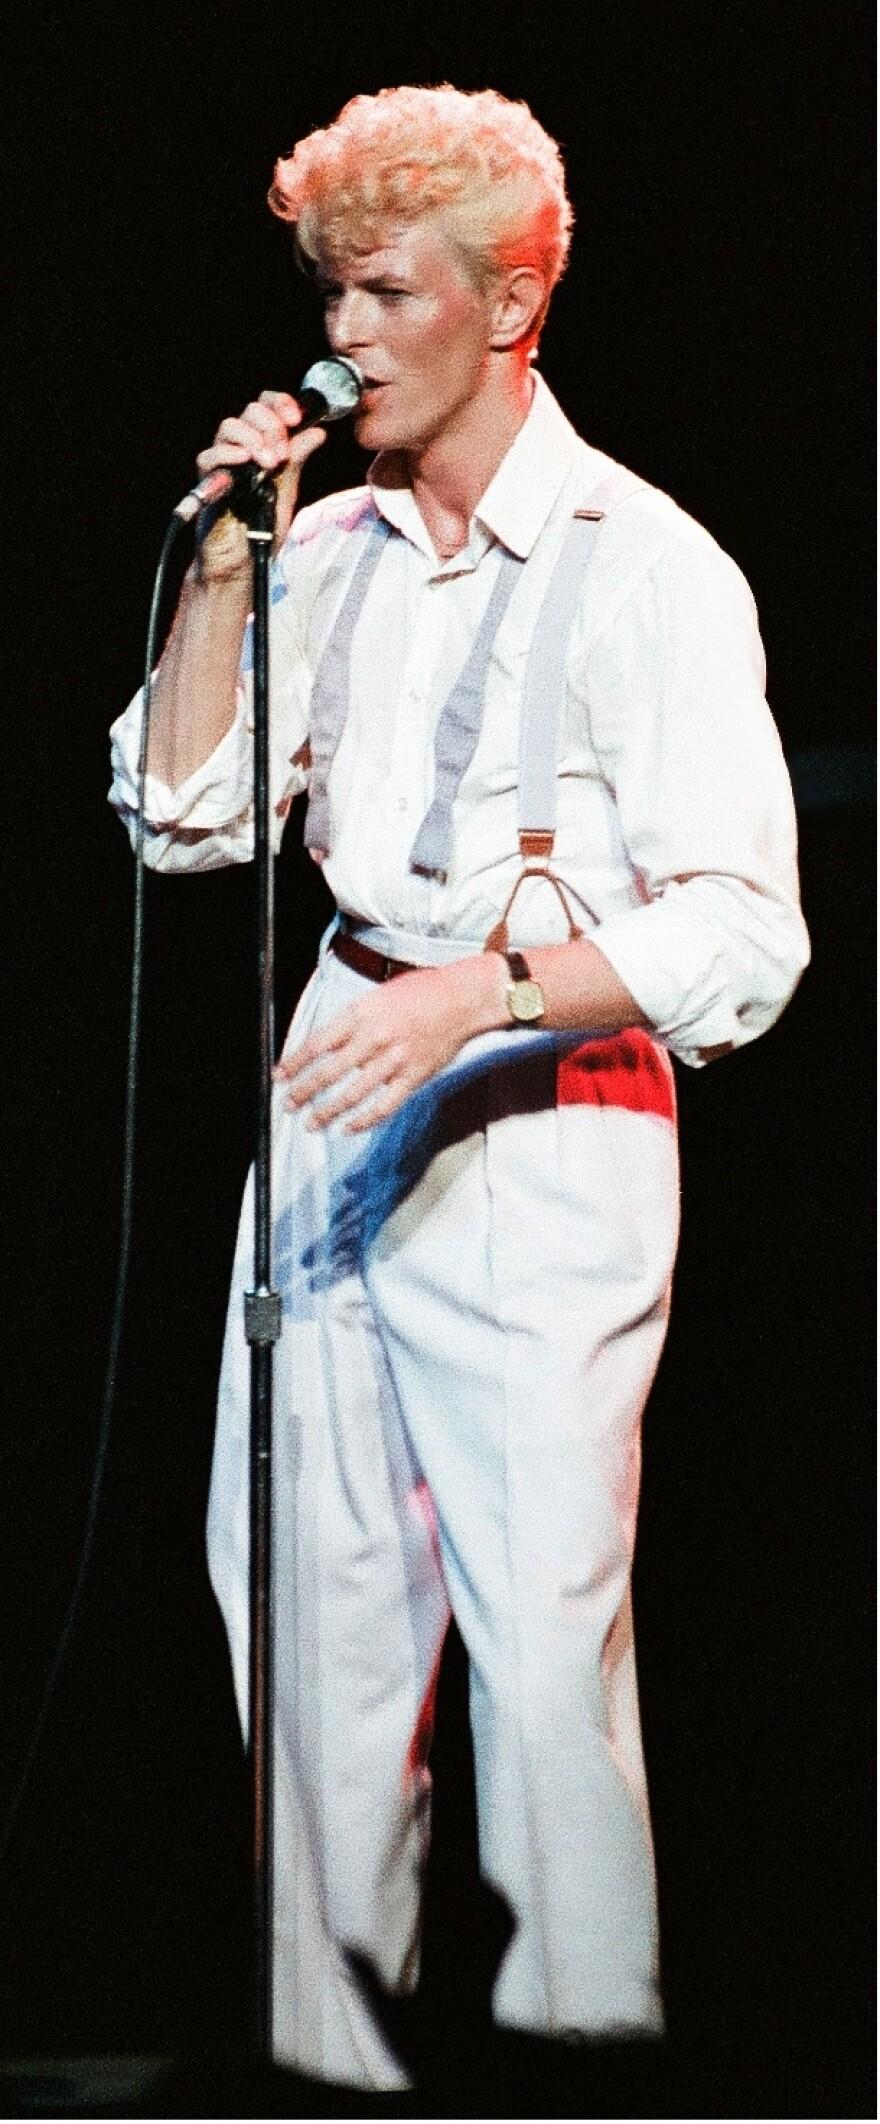 Bowie_1983_serious_moonlight.jpg